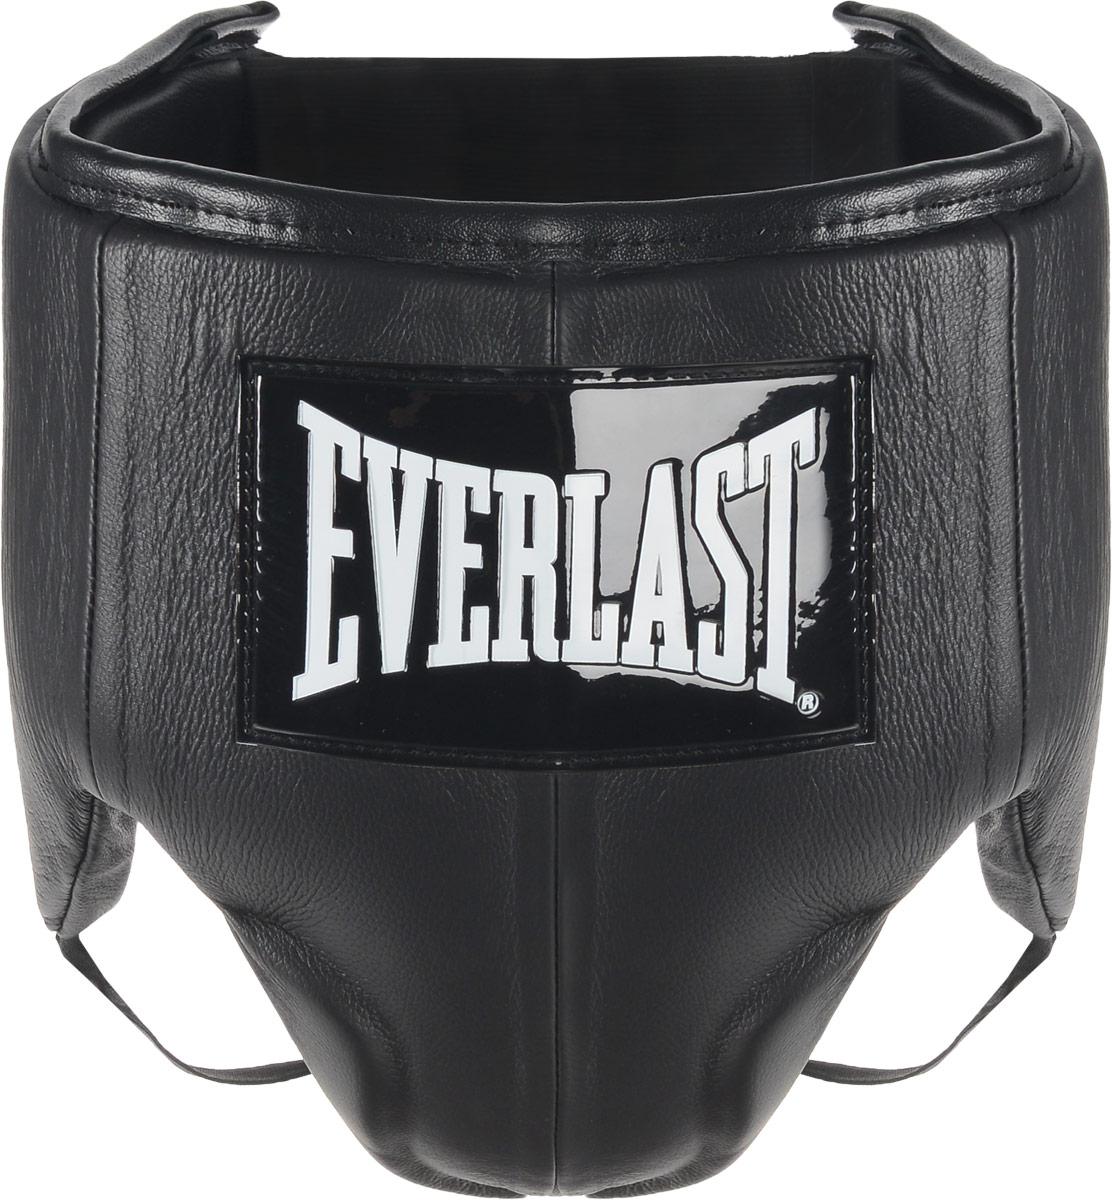 Защита паха мужская Everlast Velcro Top Pro, цвет: черный, белый. Размер LAIRWHEEL M3-162.8Everlast Velcro Top Pro это удобный обтягивающий бандаж, идеально подходящий как для тренировочных спаррингов, так и для боя на ринге. Бандаж изготовлен из высококачественной натуральной кожи, а подкладка набита пенным наполнителем высокой плотности, благодаря чему достигается превосходная амортизация ударов. Усовершенствованный облегченный дизайн обеспечивает максимальную подвижность и комфорт, в то же время гарантируя безопасность и полную защиту паха и тазовой области. Удобные застежки на липучке позволят подогнать защиту под ваш размер и плотно зафиксировать ее на теле. Максимальный обхват: 105 см.Минимальный обхват: 94 см.